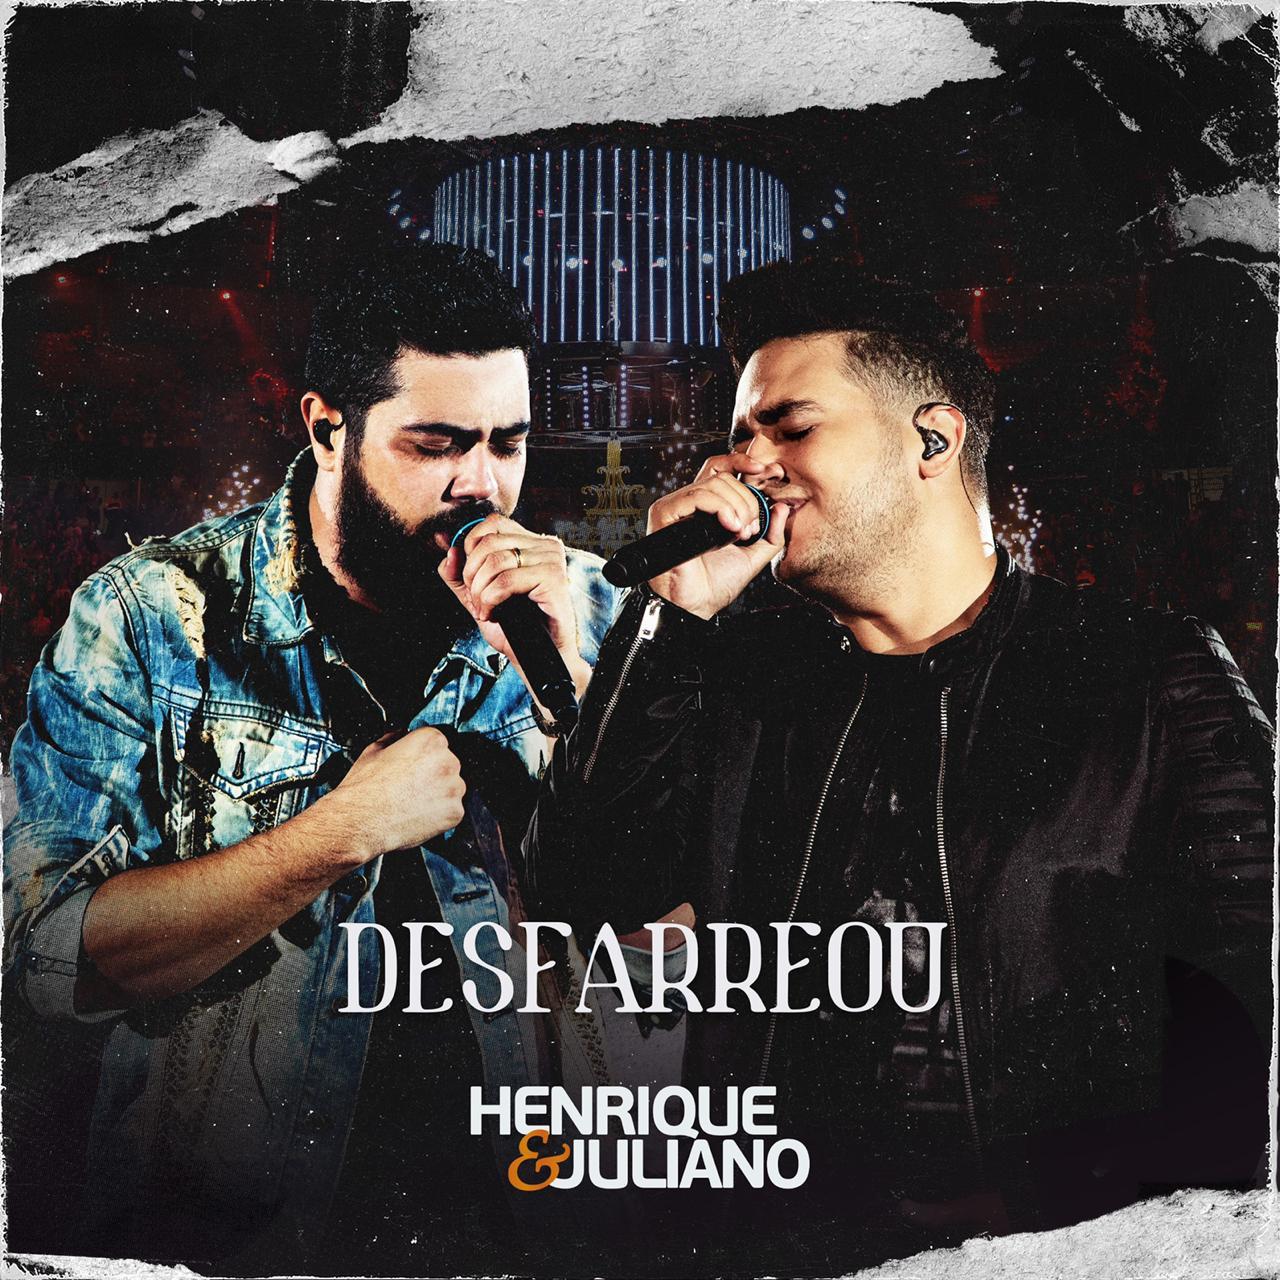 Cd henrique e juliano 2019